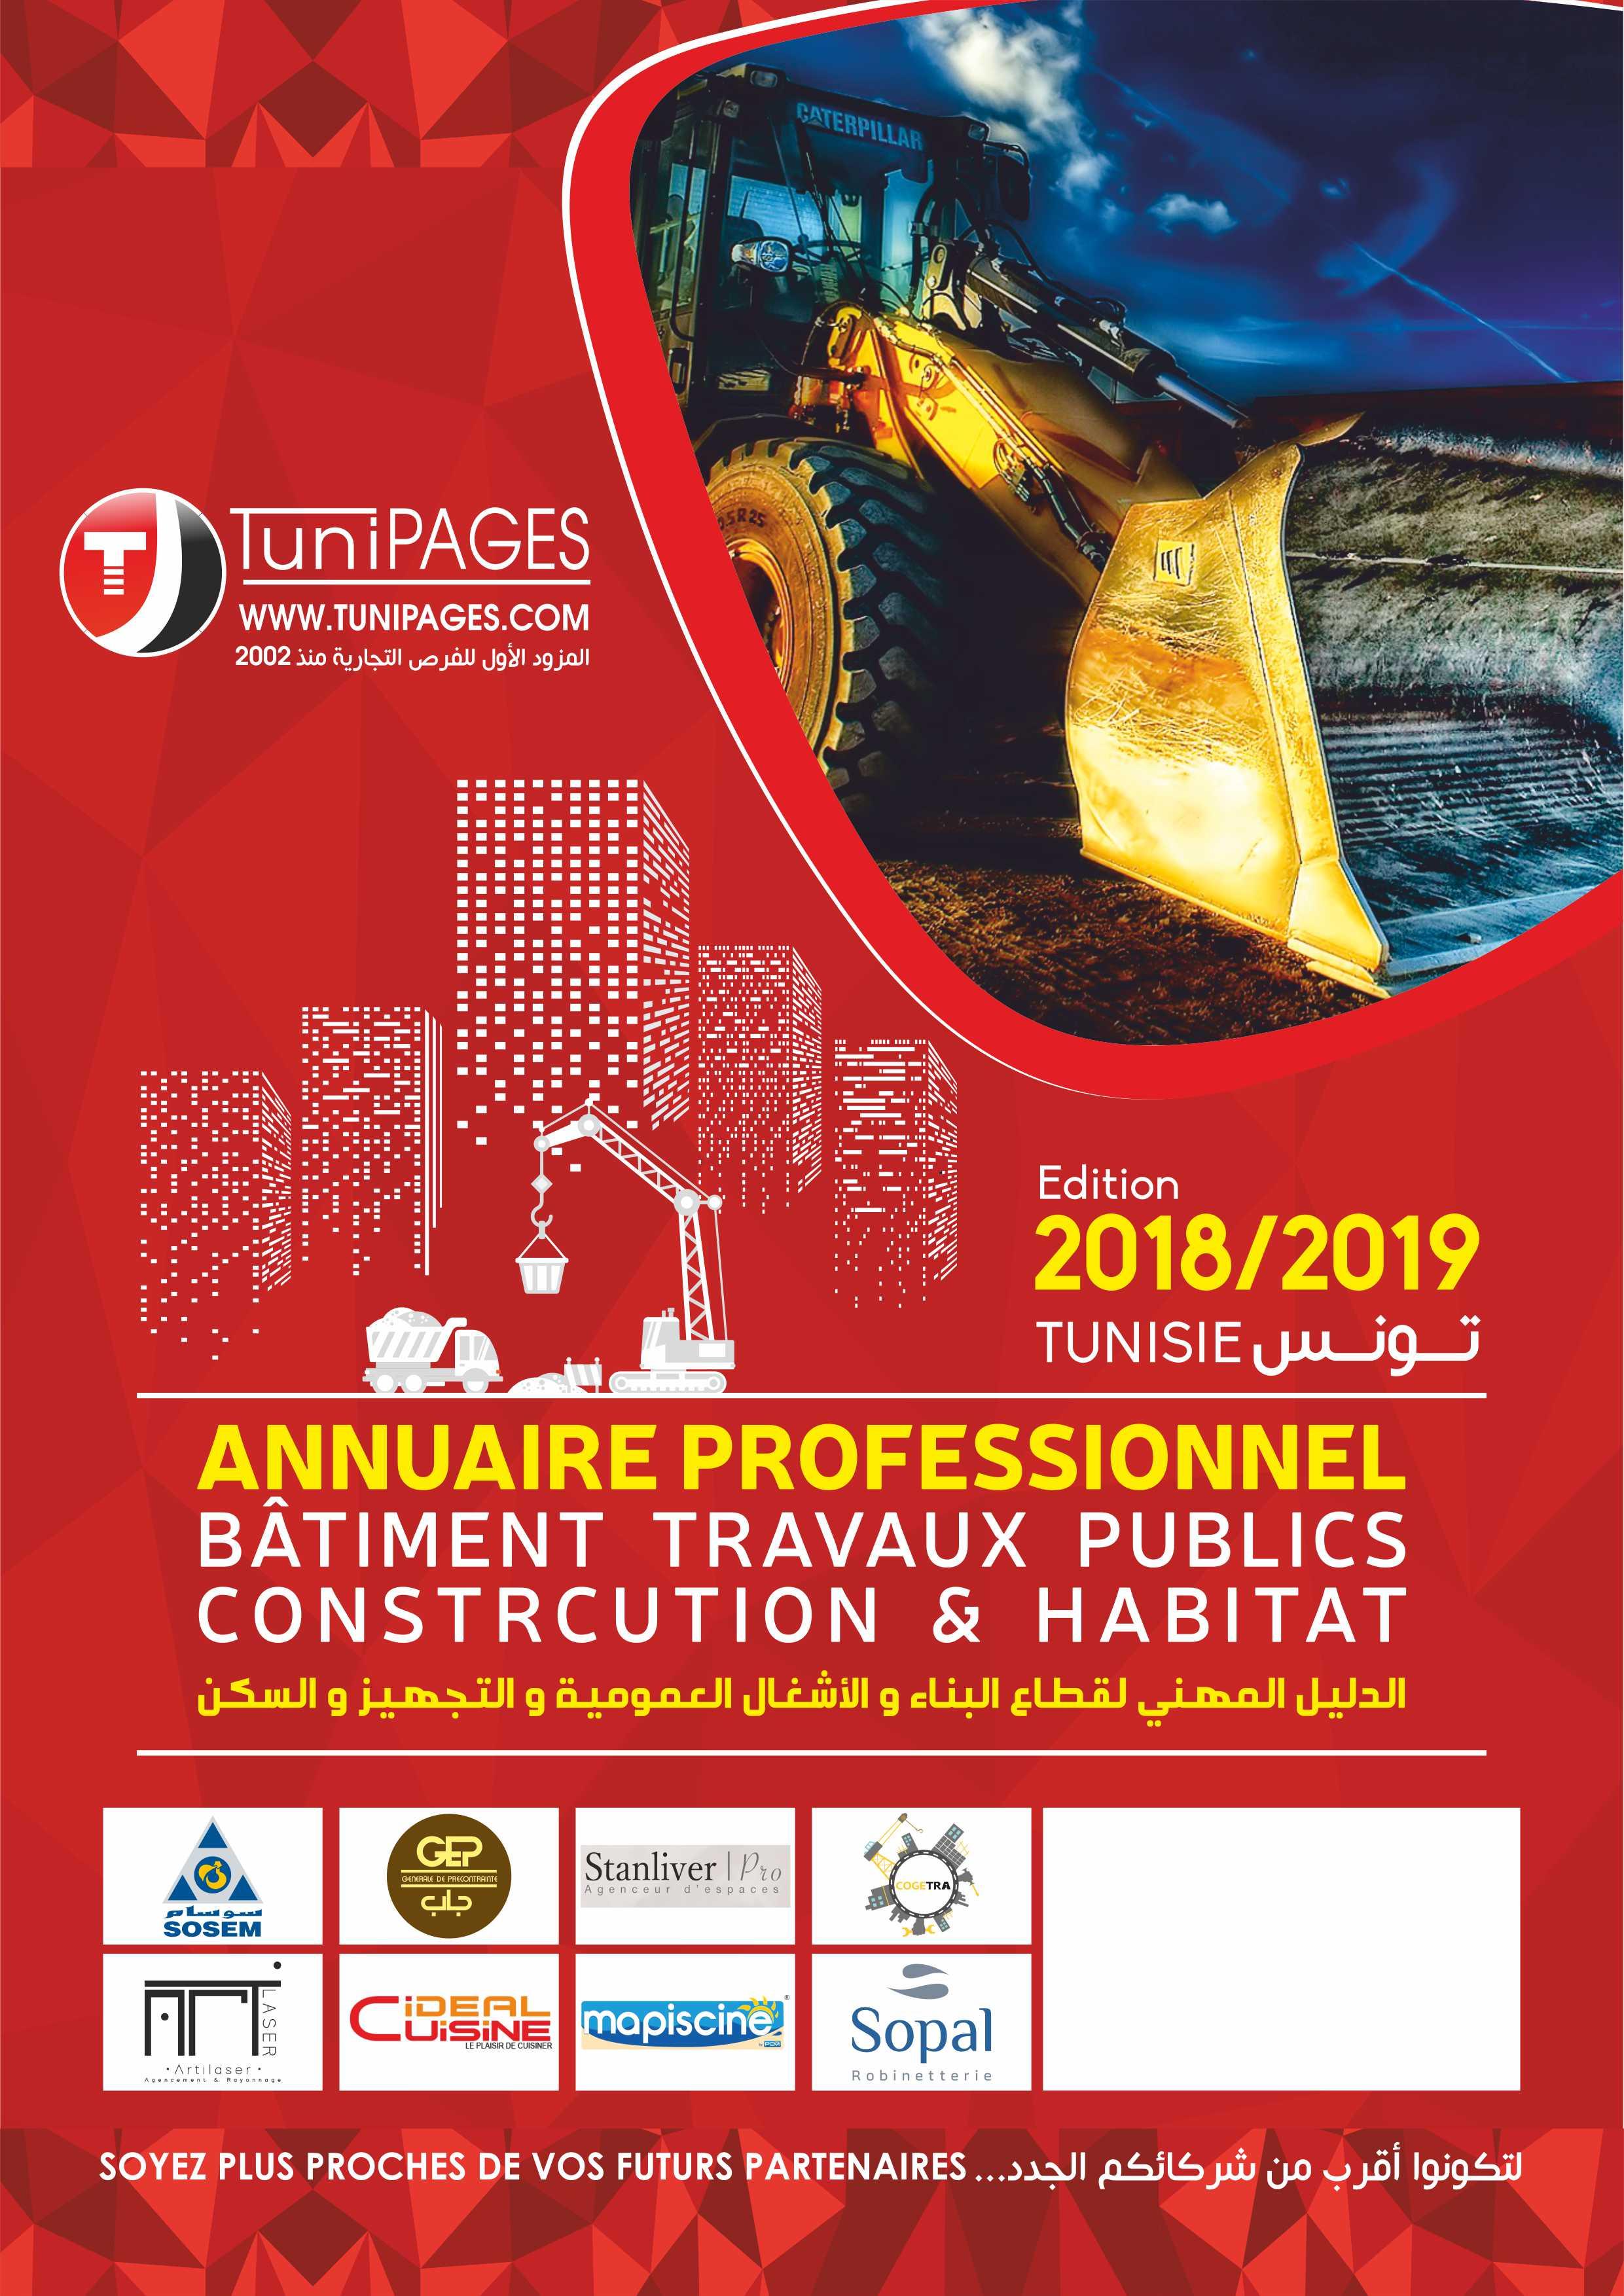 Annuaire Professionnel Bâtiment et Travaux Publics, Construction&Habitat édition 2018/2019